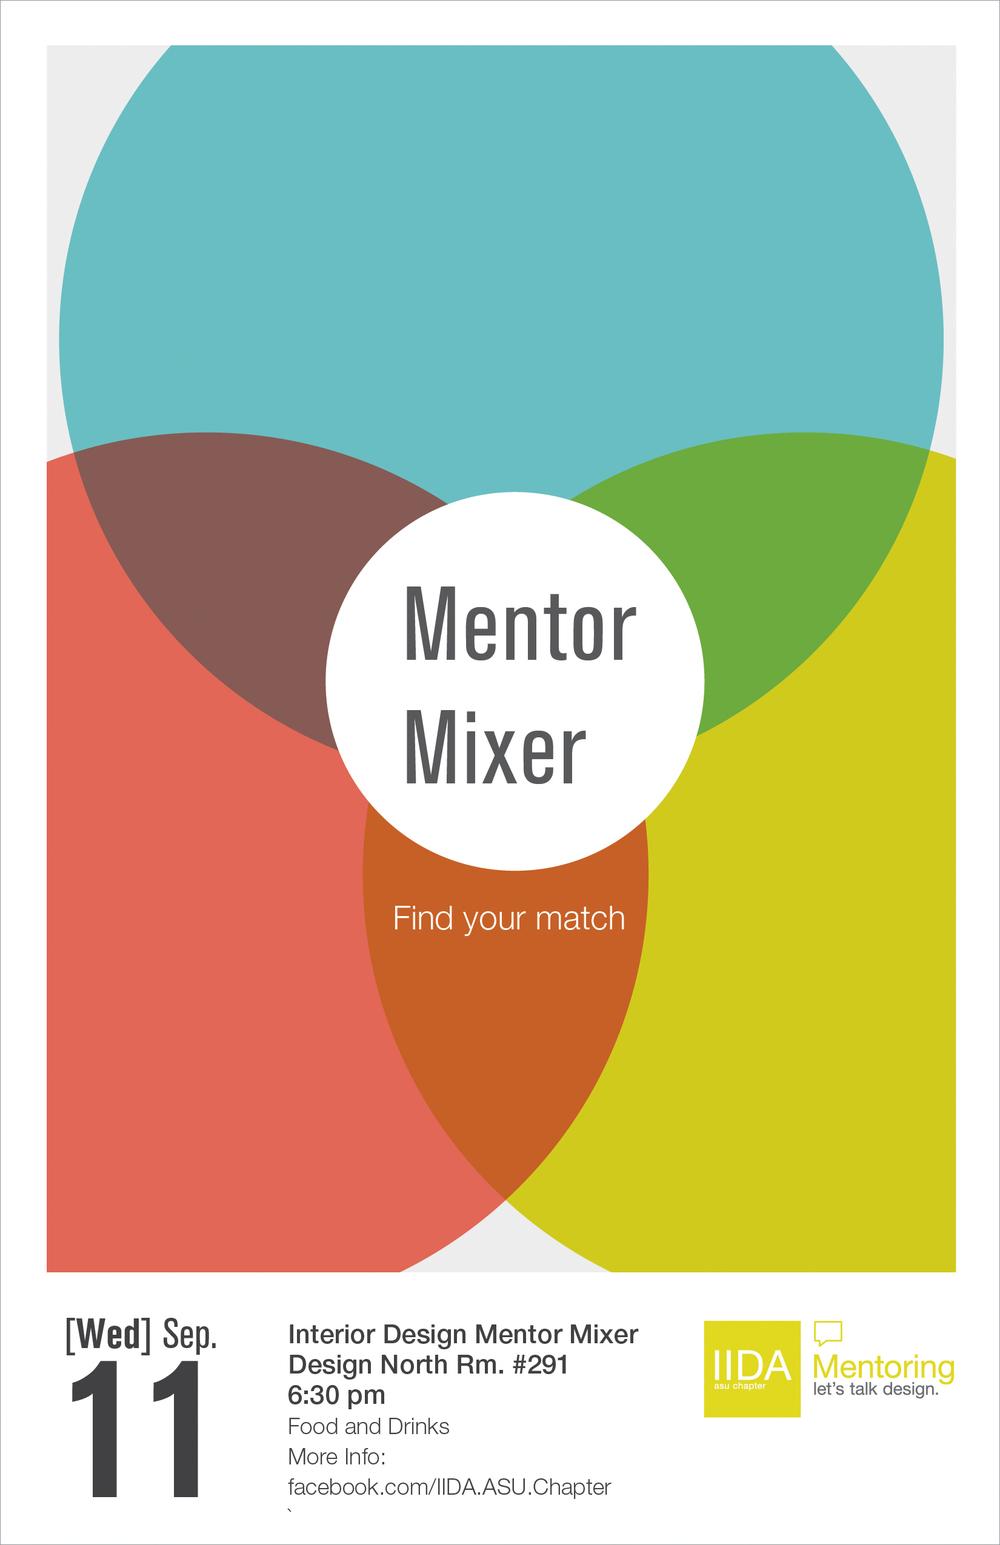 mentormixer-03.jpg